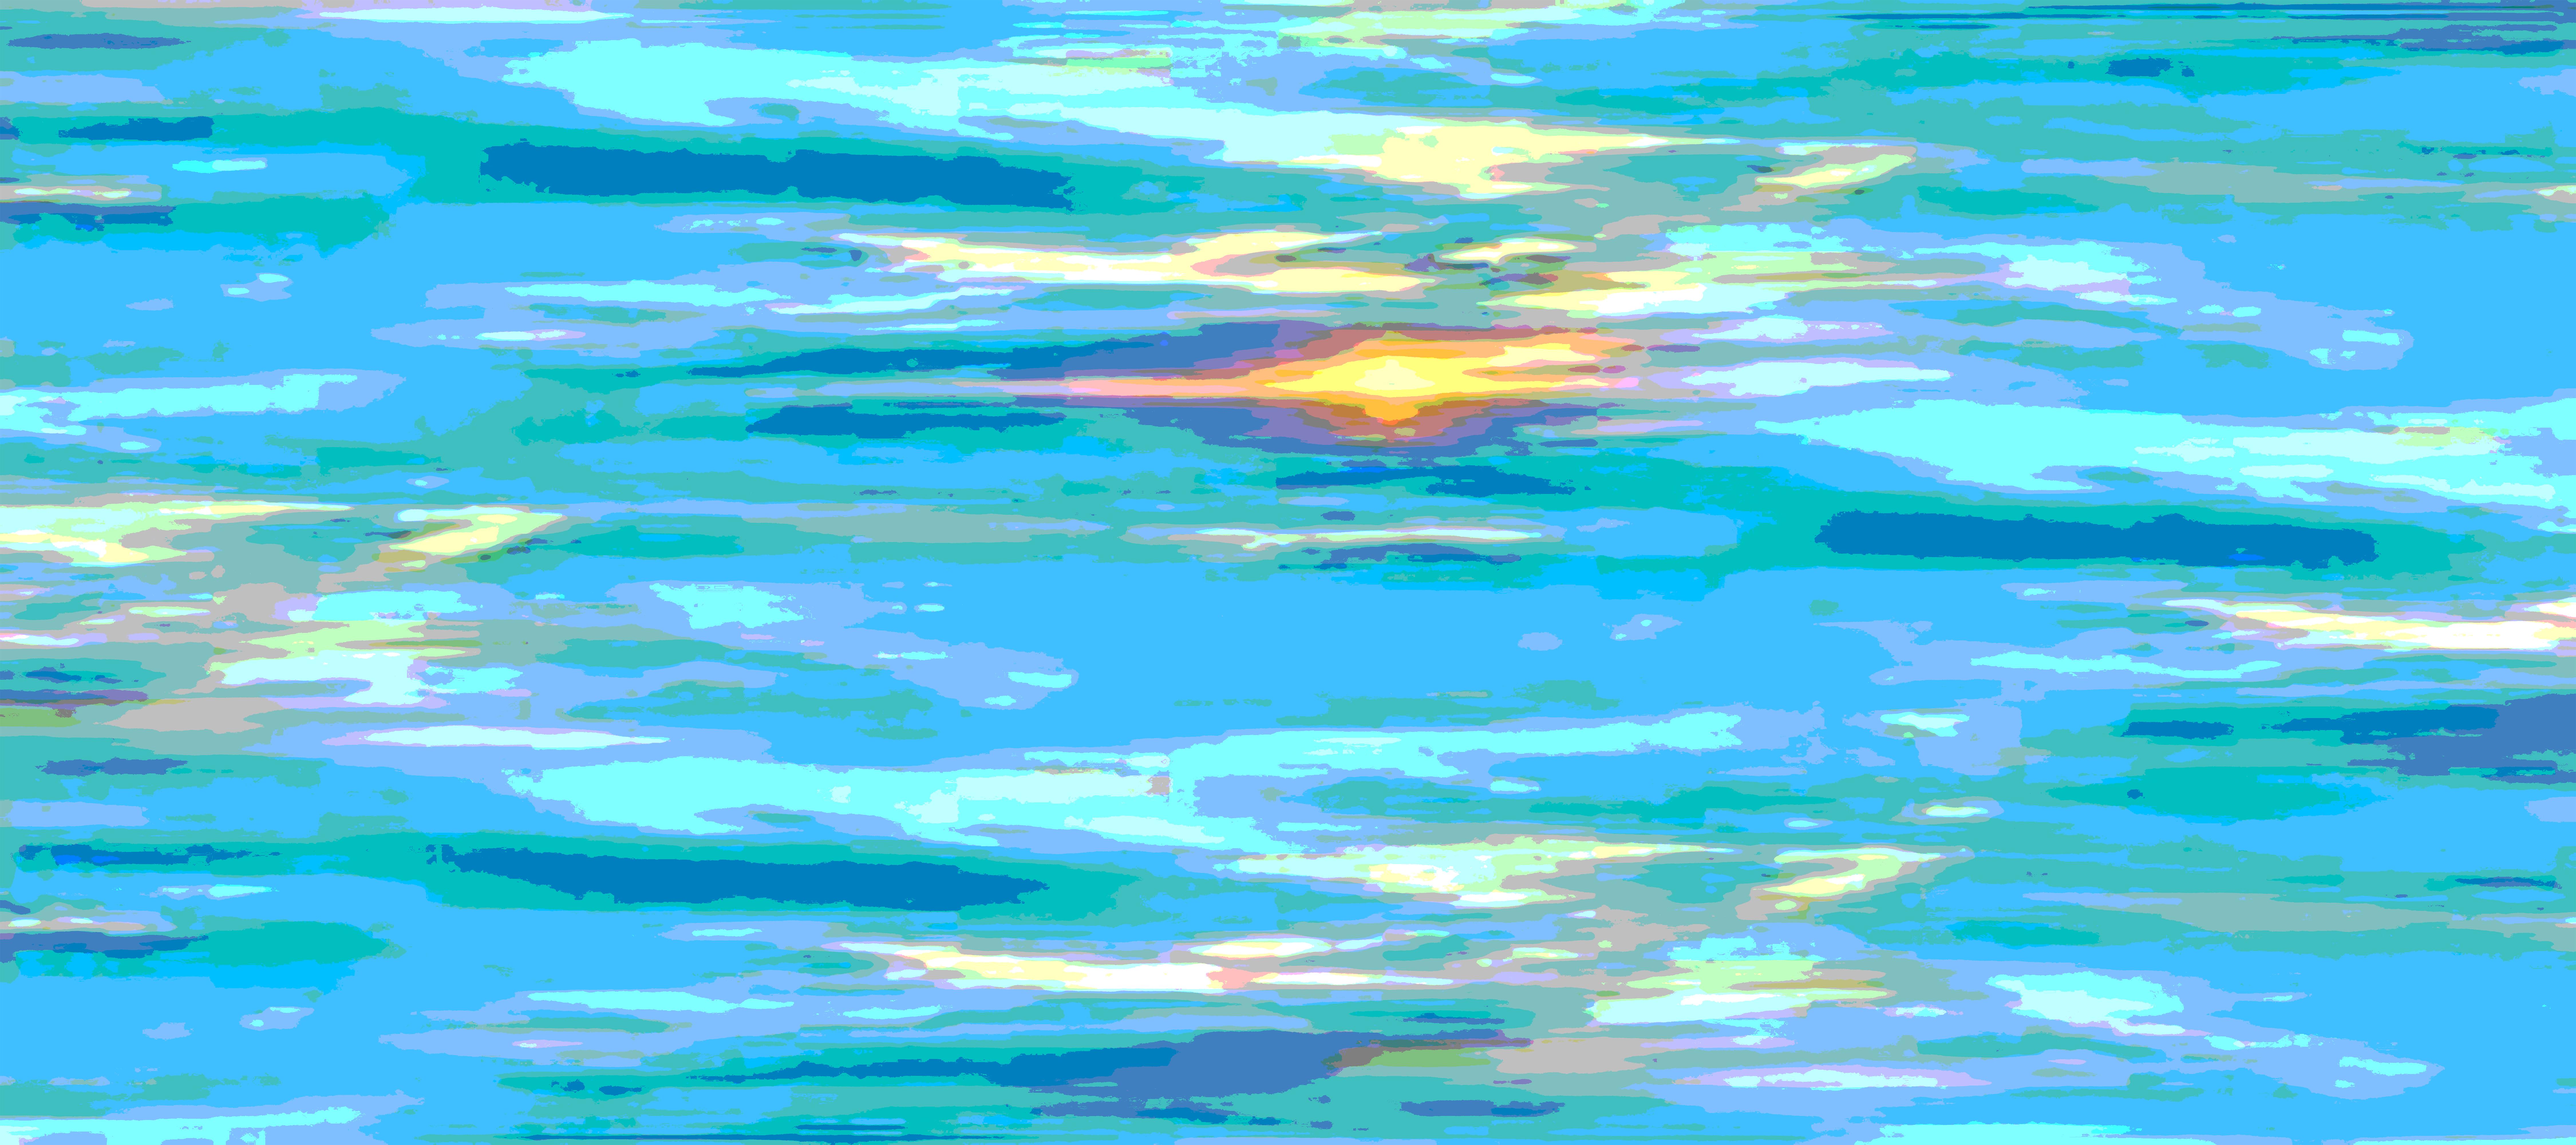 KAP67  ORIGINAL ABSTRACT SUNSET 90_x40_.